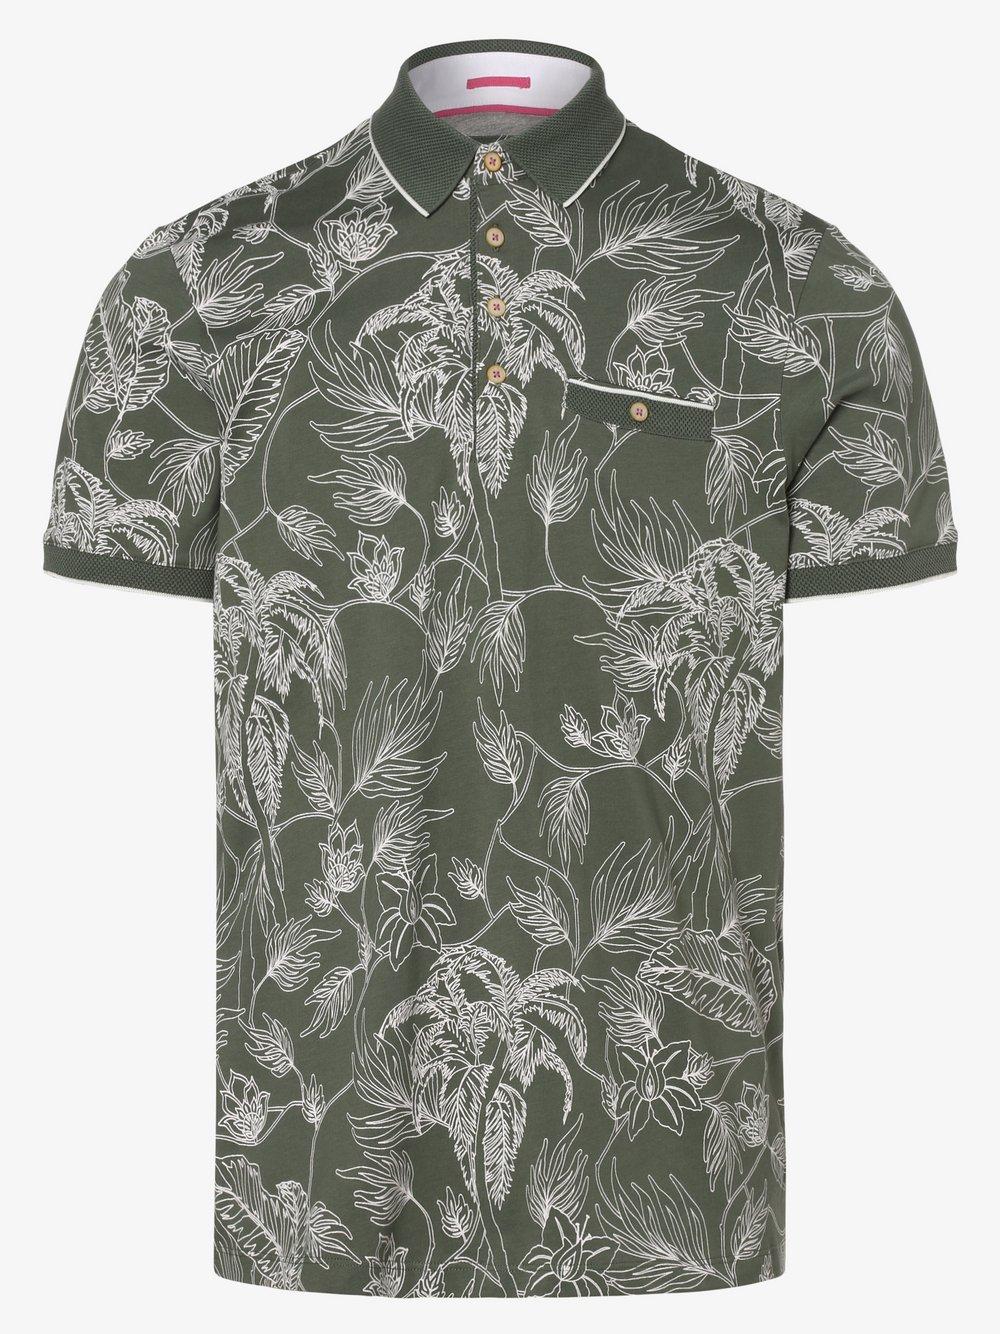 Ted Baker – Męska koszulka polo – Teeleaf, zielony Van Graaf 463317-0001